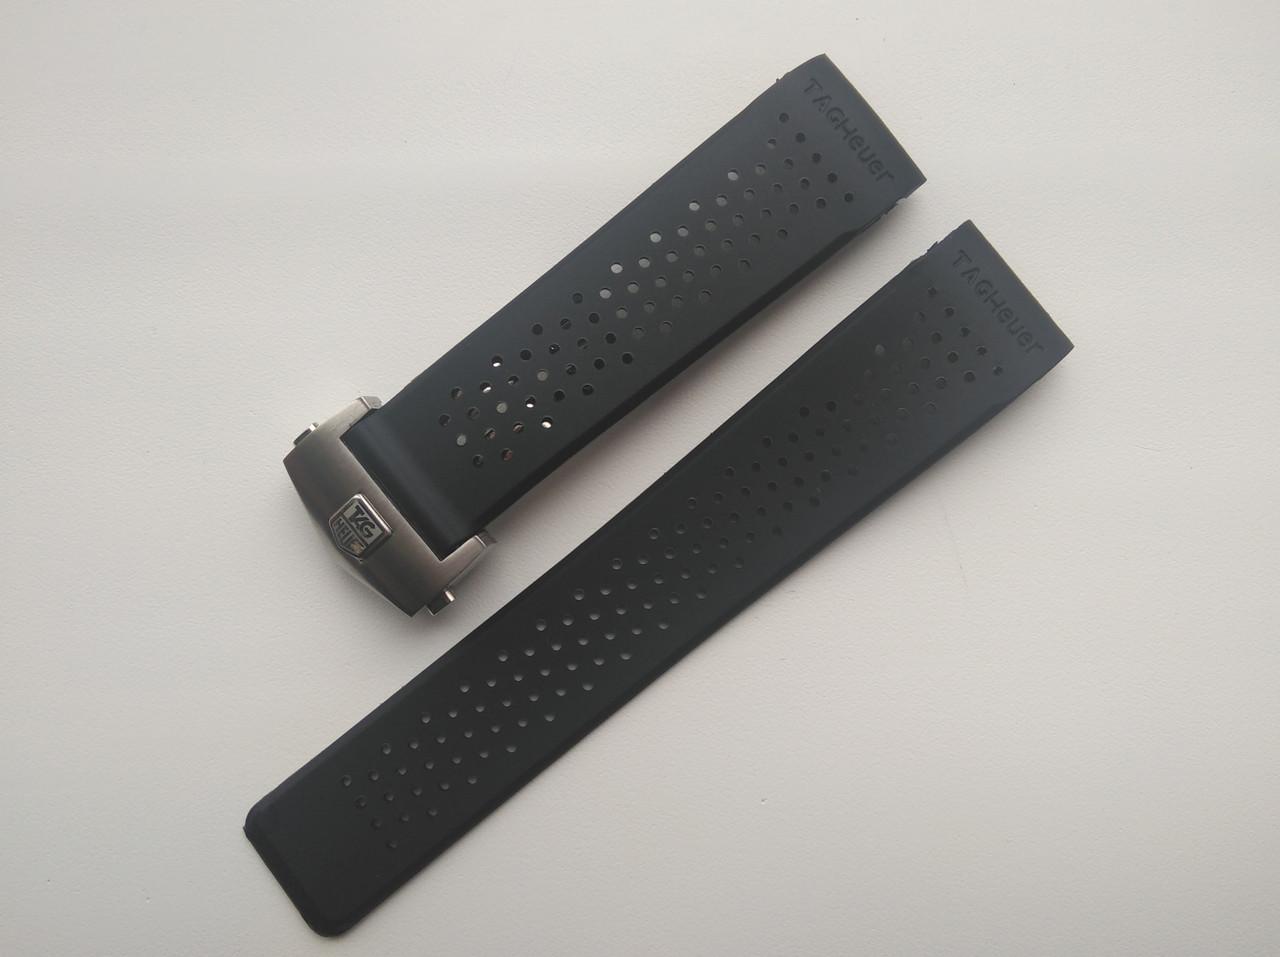 Каучуковый ремешок для часов, заокругленное окончание. Серебристая застежка. 24 мм